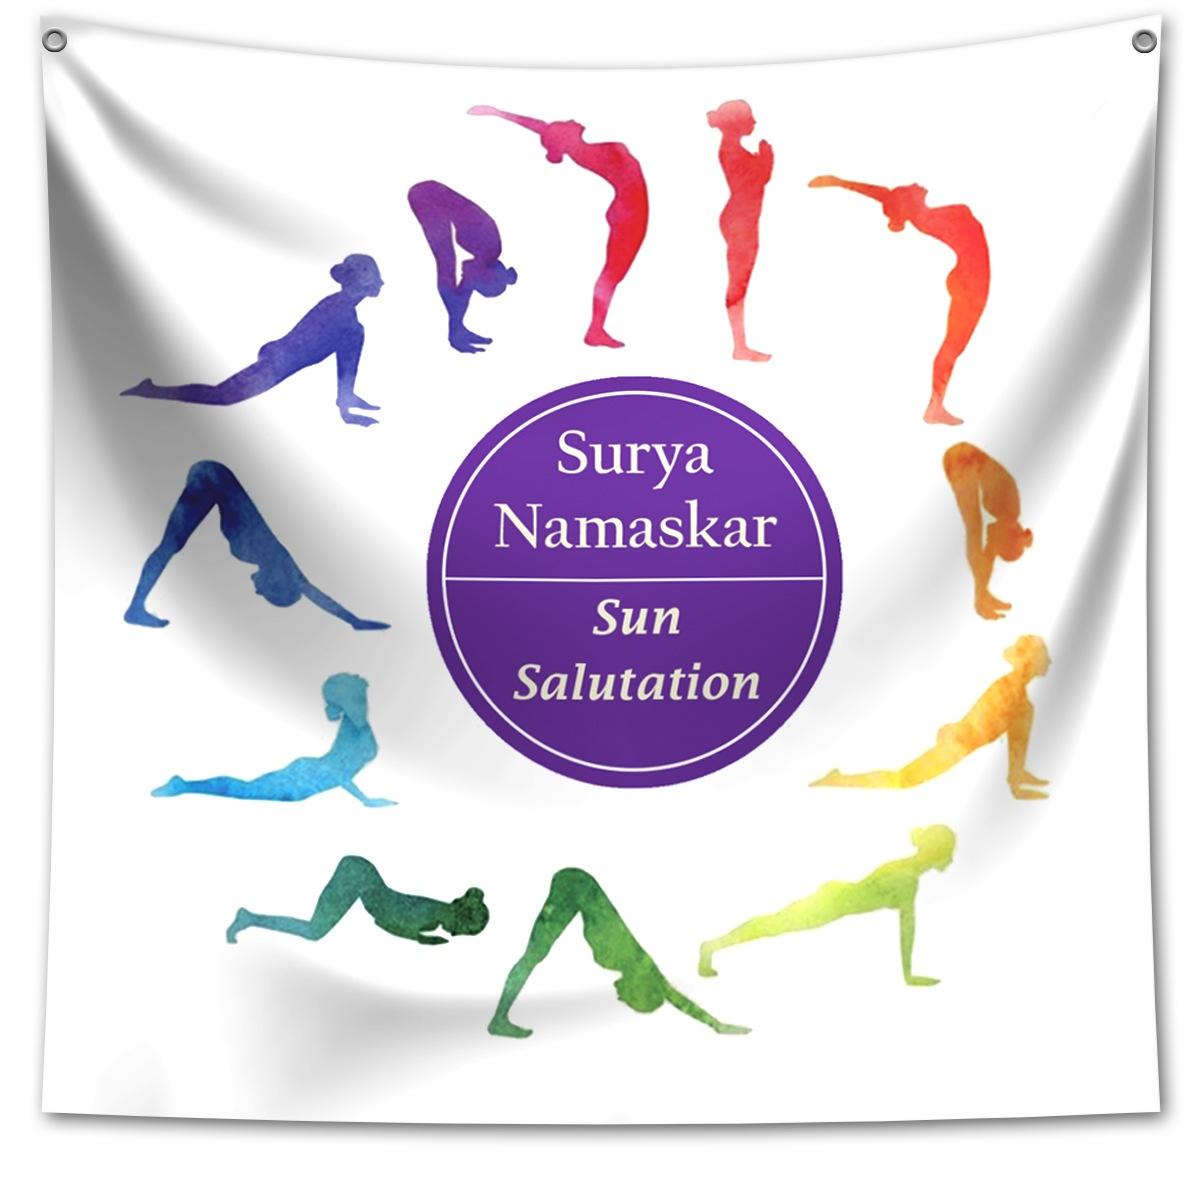 Panô Decorativo Surya Namaskar Yoga - Banner